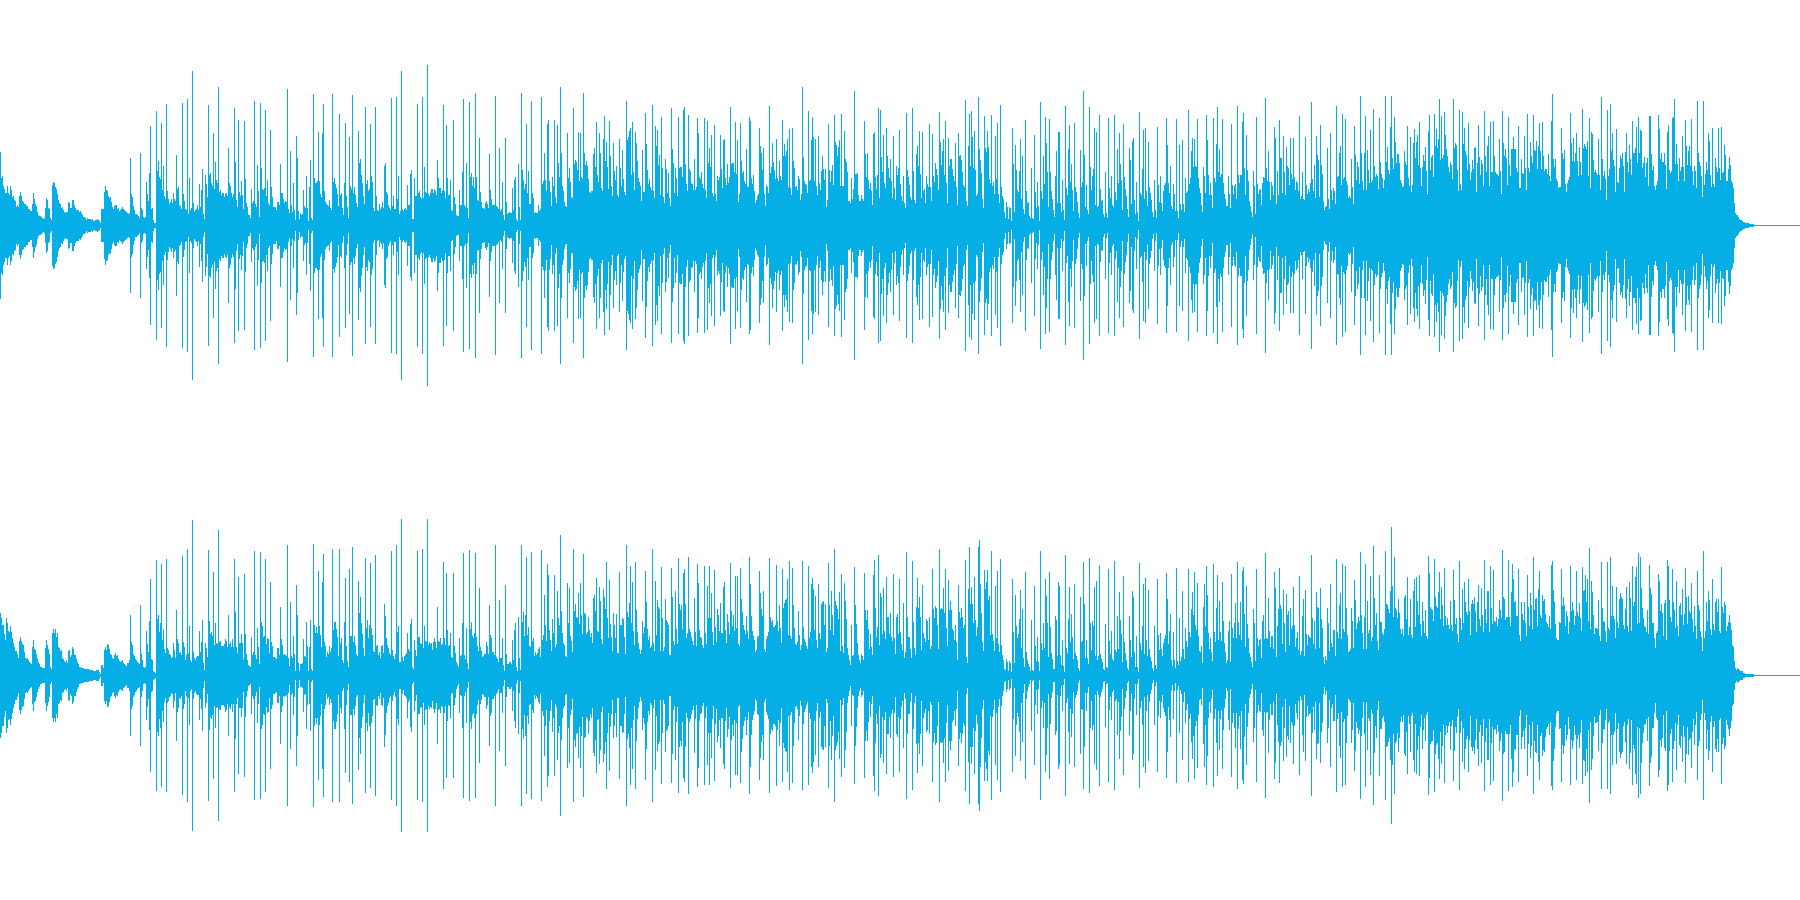 決意してる時のbgmの再生済みの波形